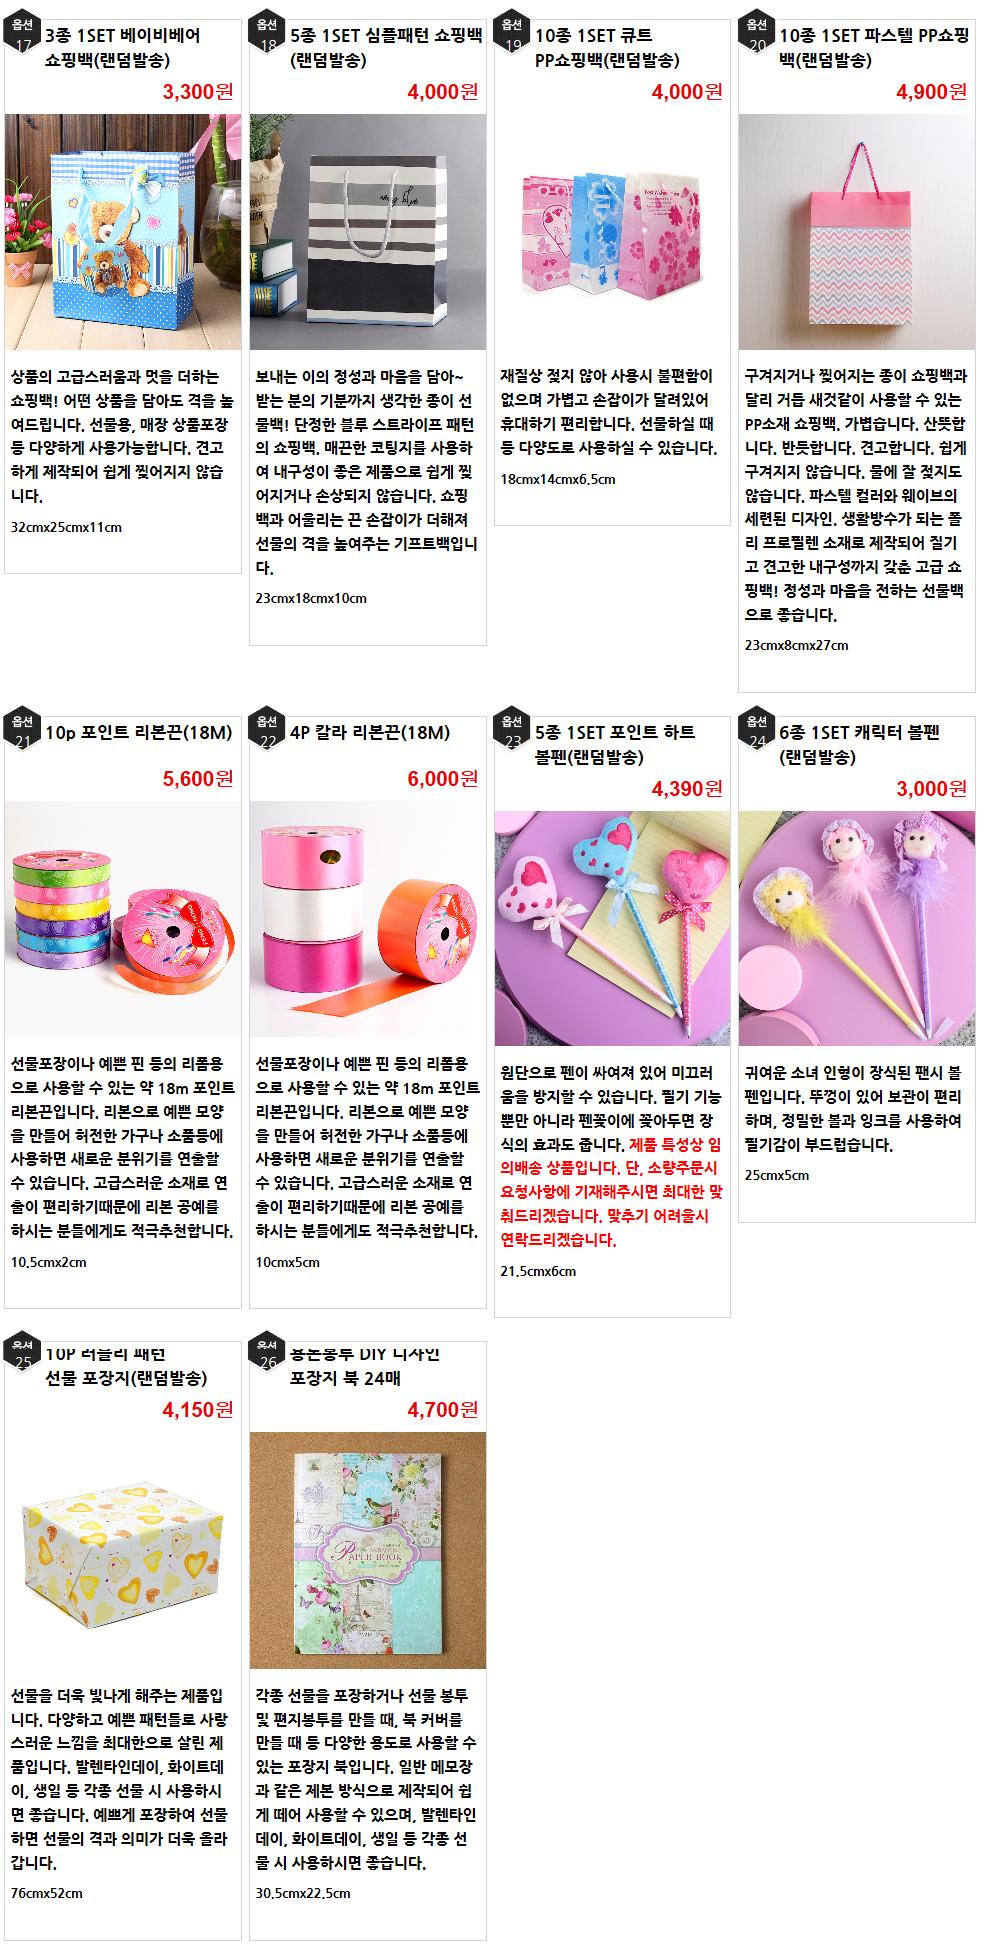 생화같은 장미 조화 5송이 1SET(랜덤발송) - 기프트갓, 3,100원, 조화, 부쉬